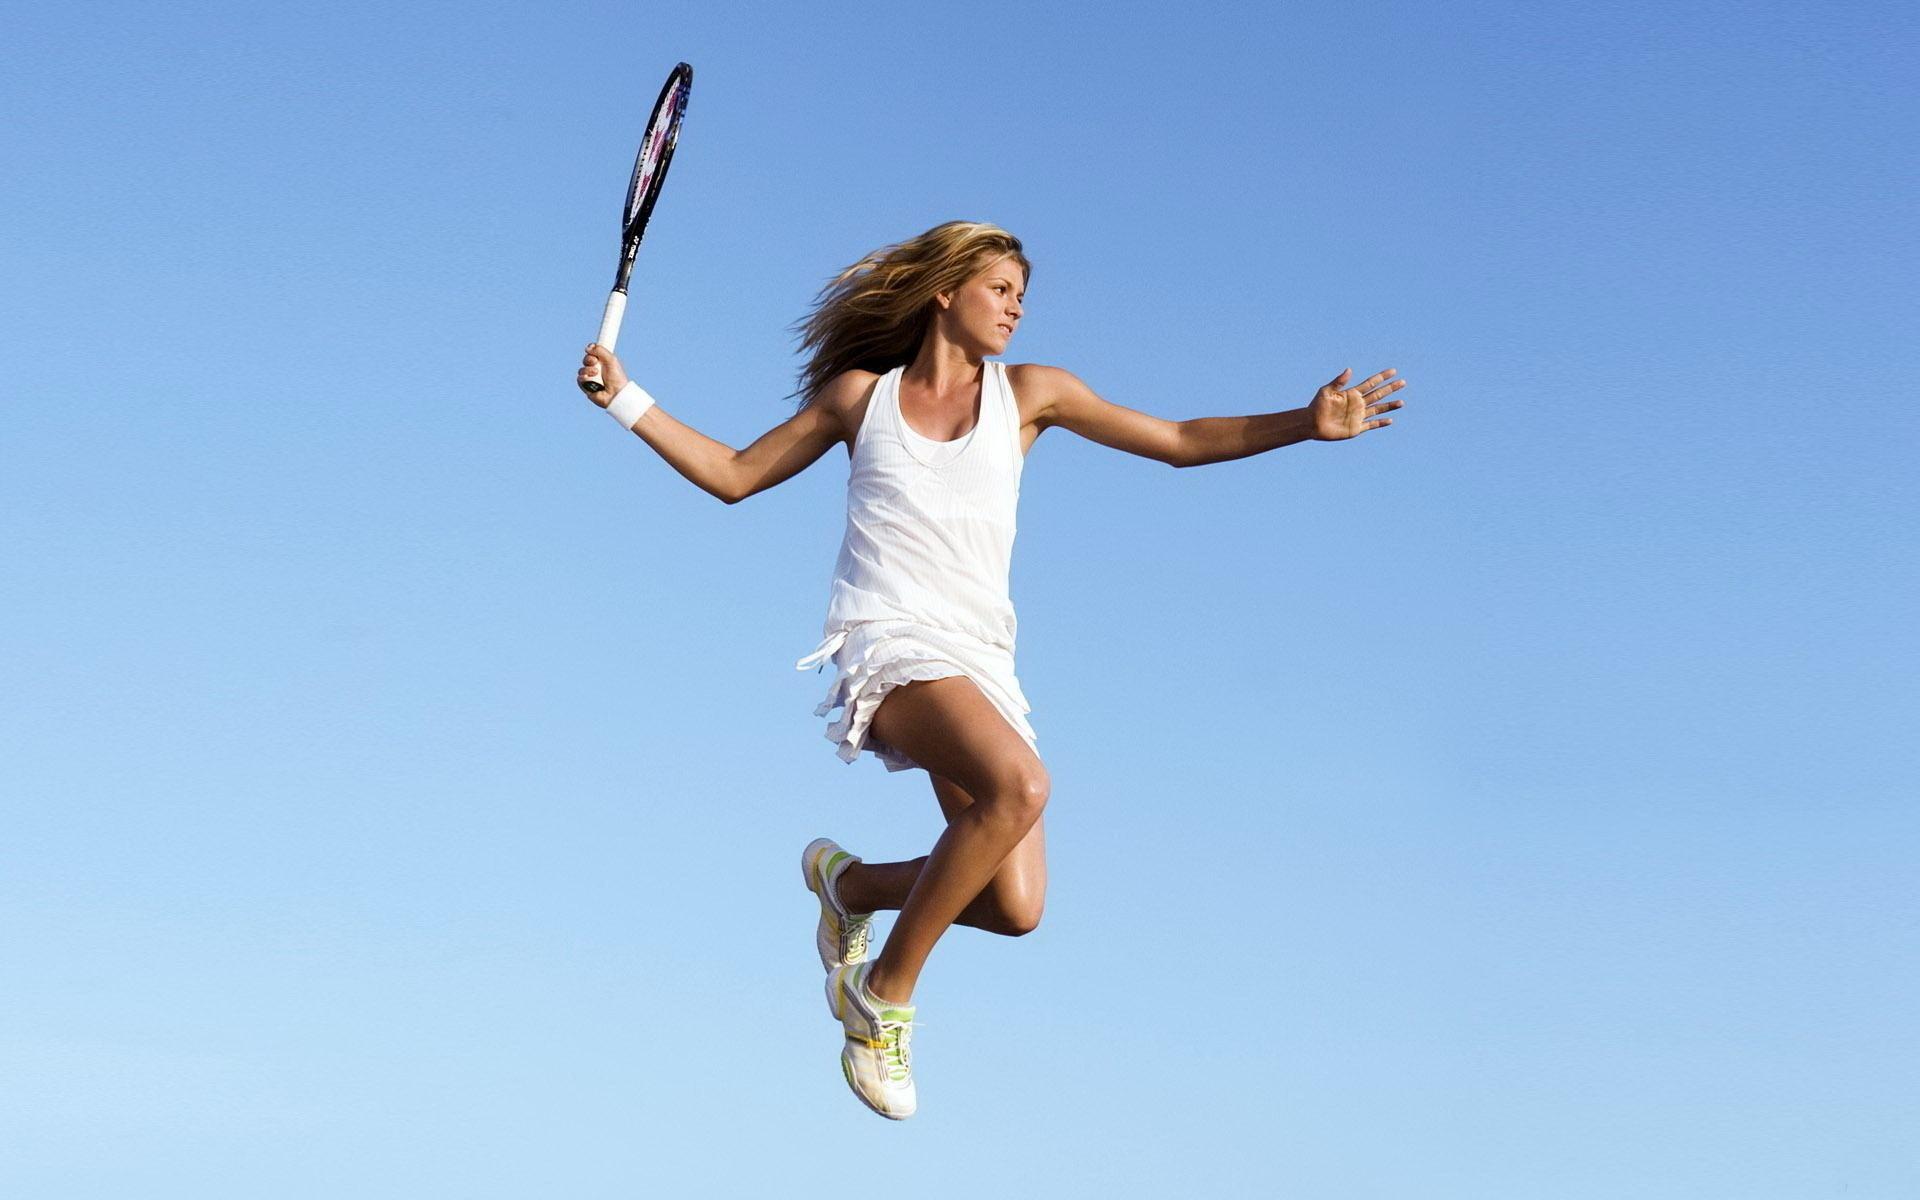 девушка, теннис, ракетка